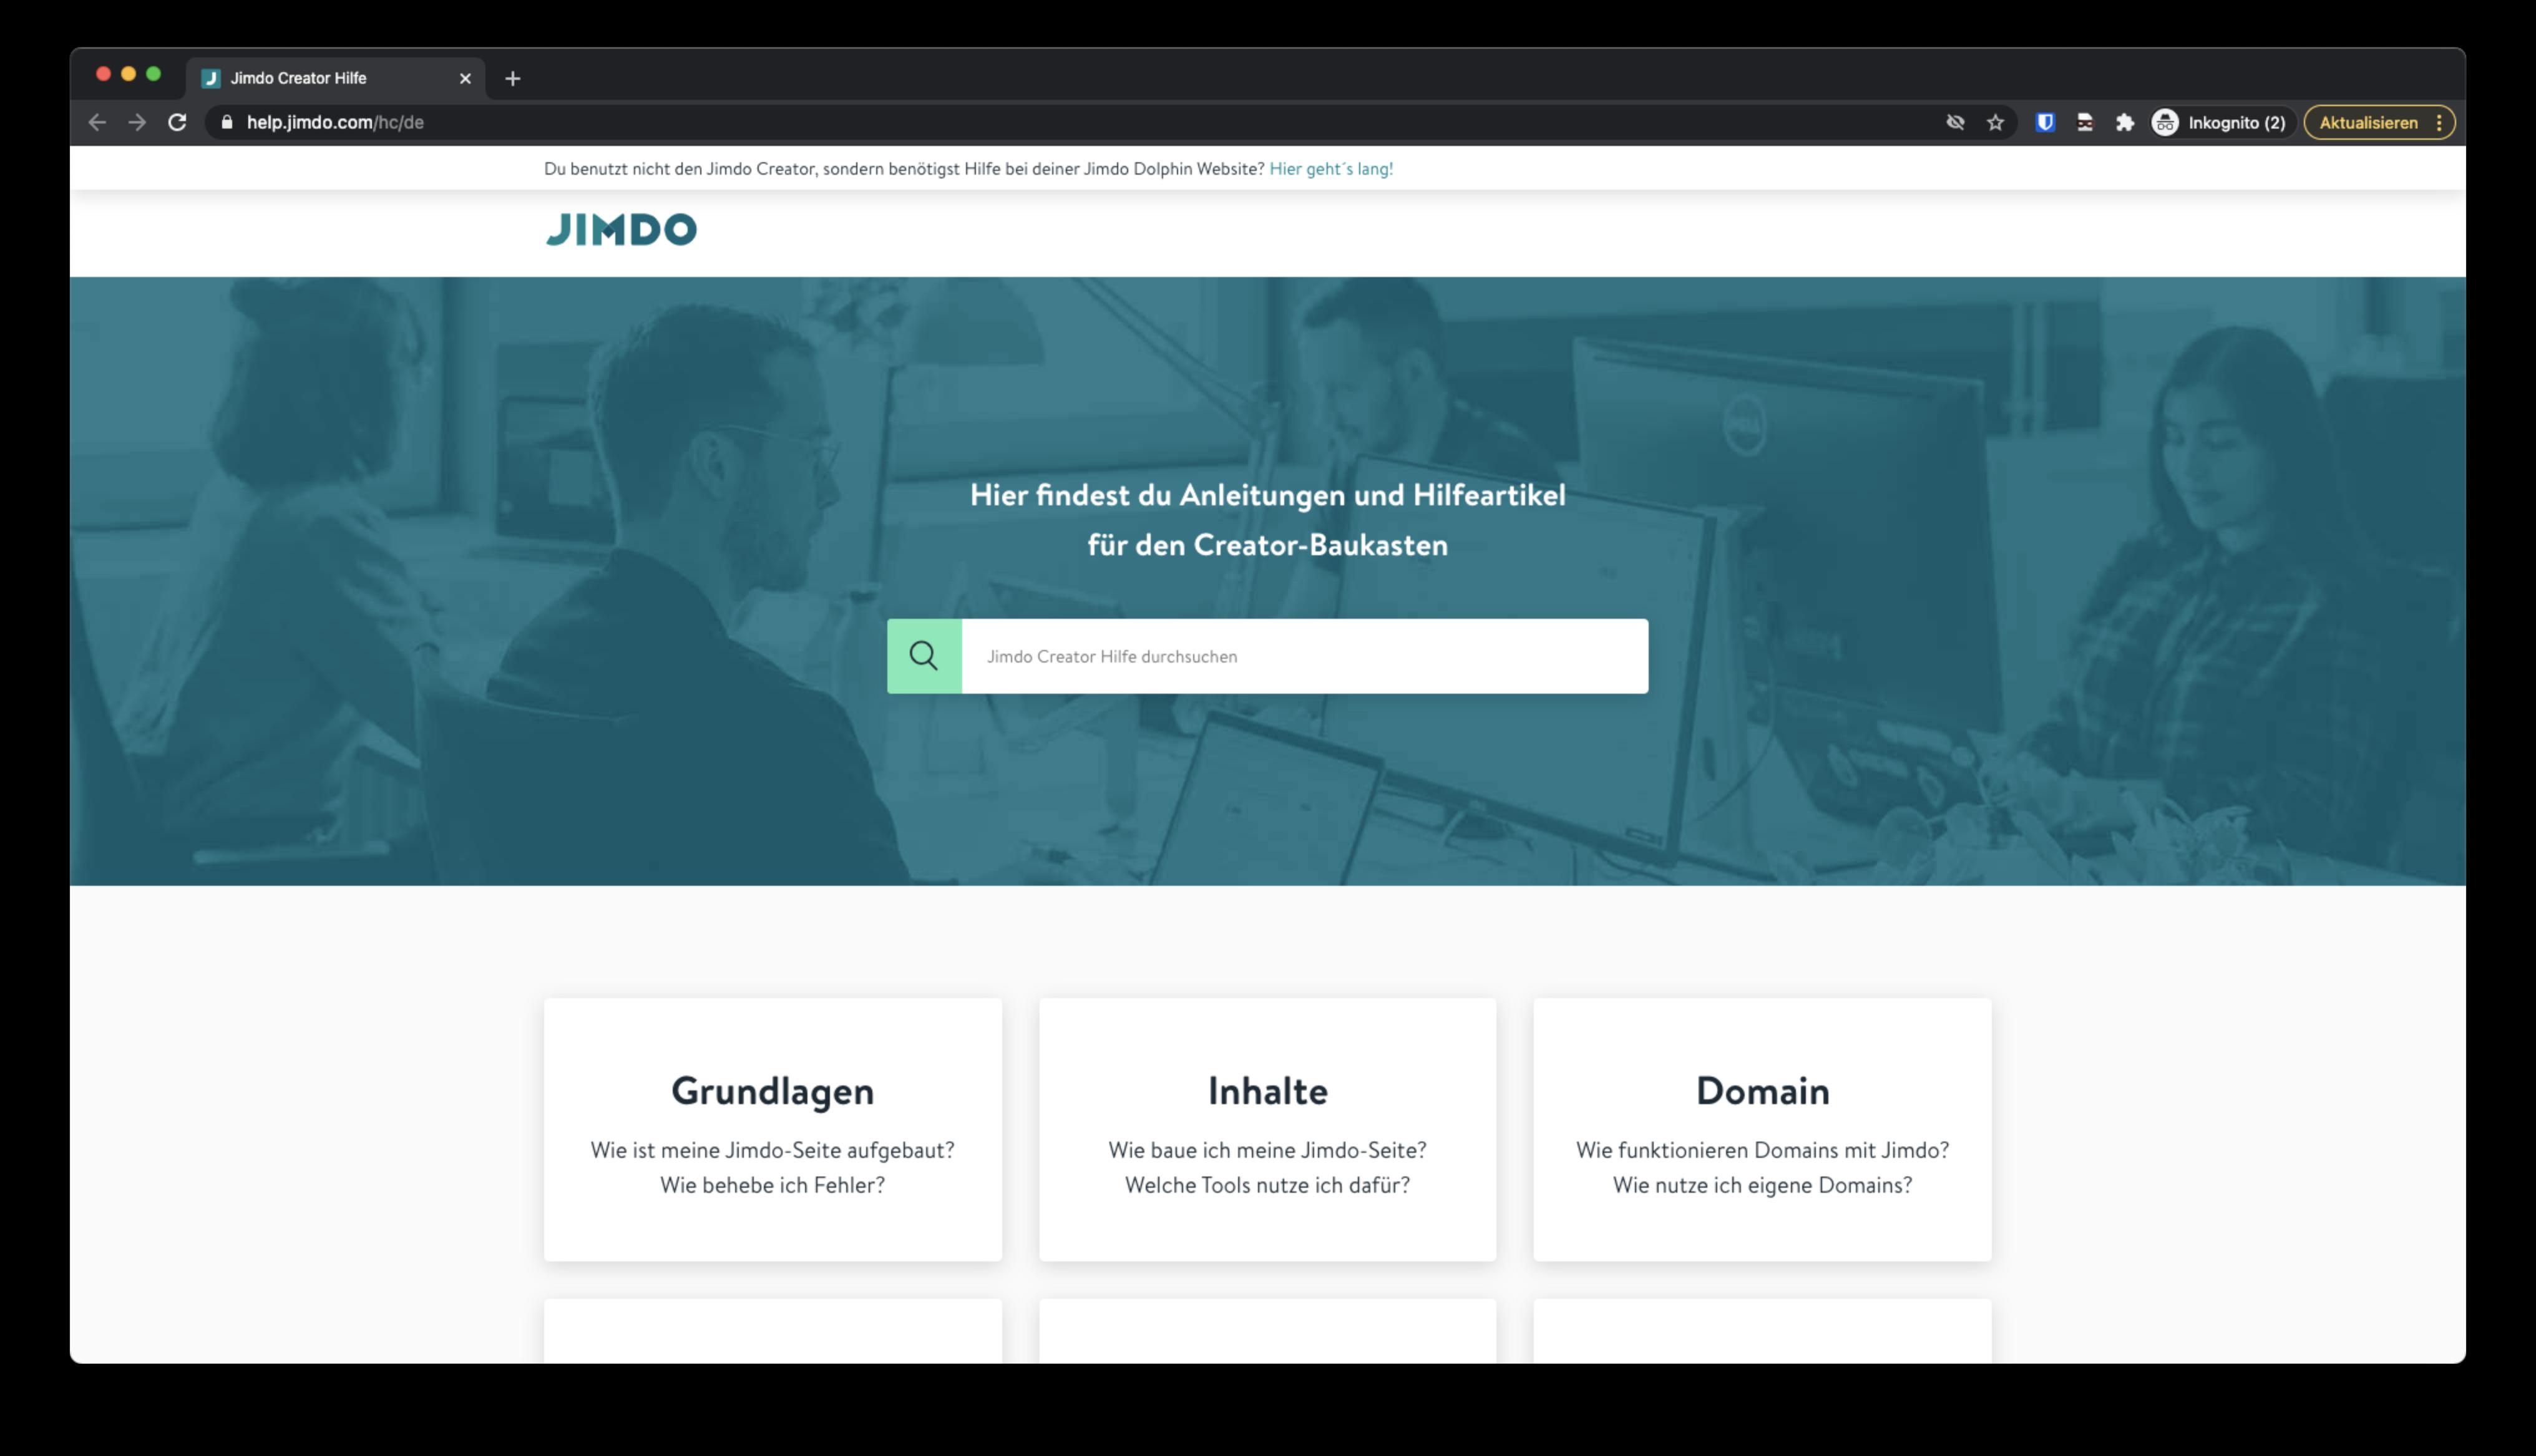 Den Kundendienst bei Jimdo können Sie nur erreichen, wenn Sie Kunde bei Jimdo sind.